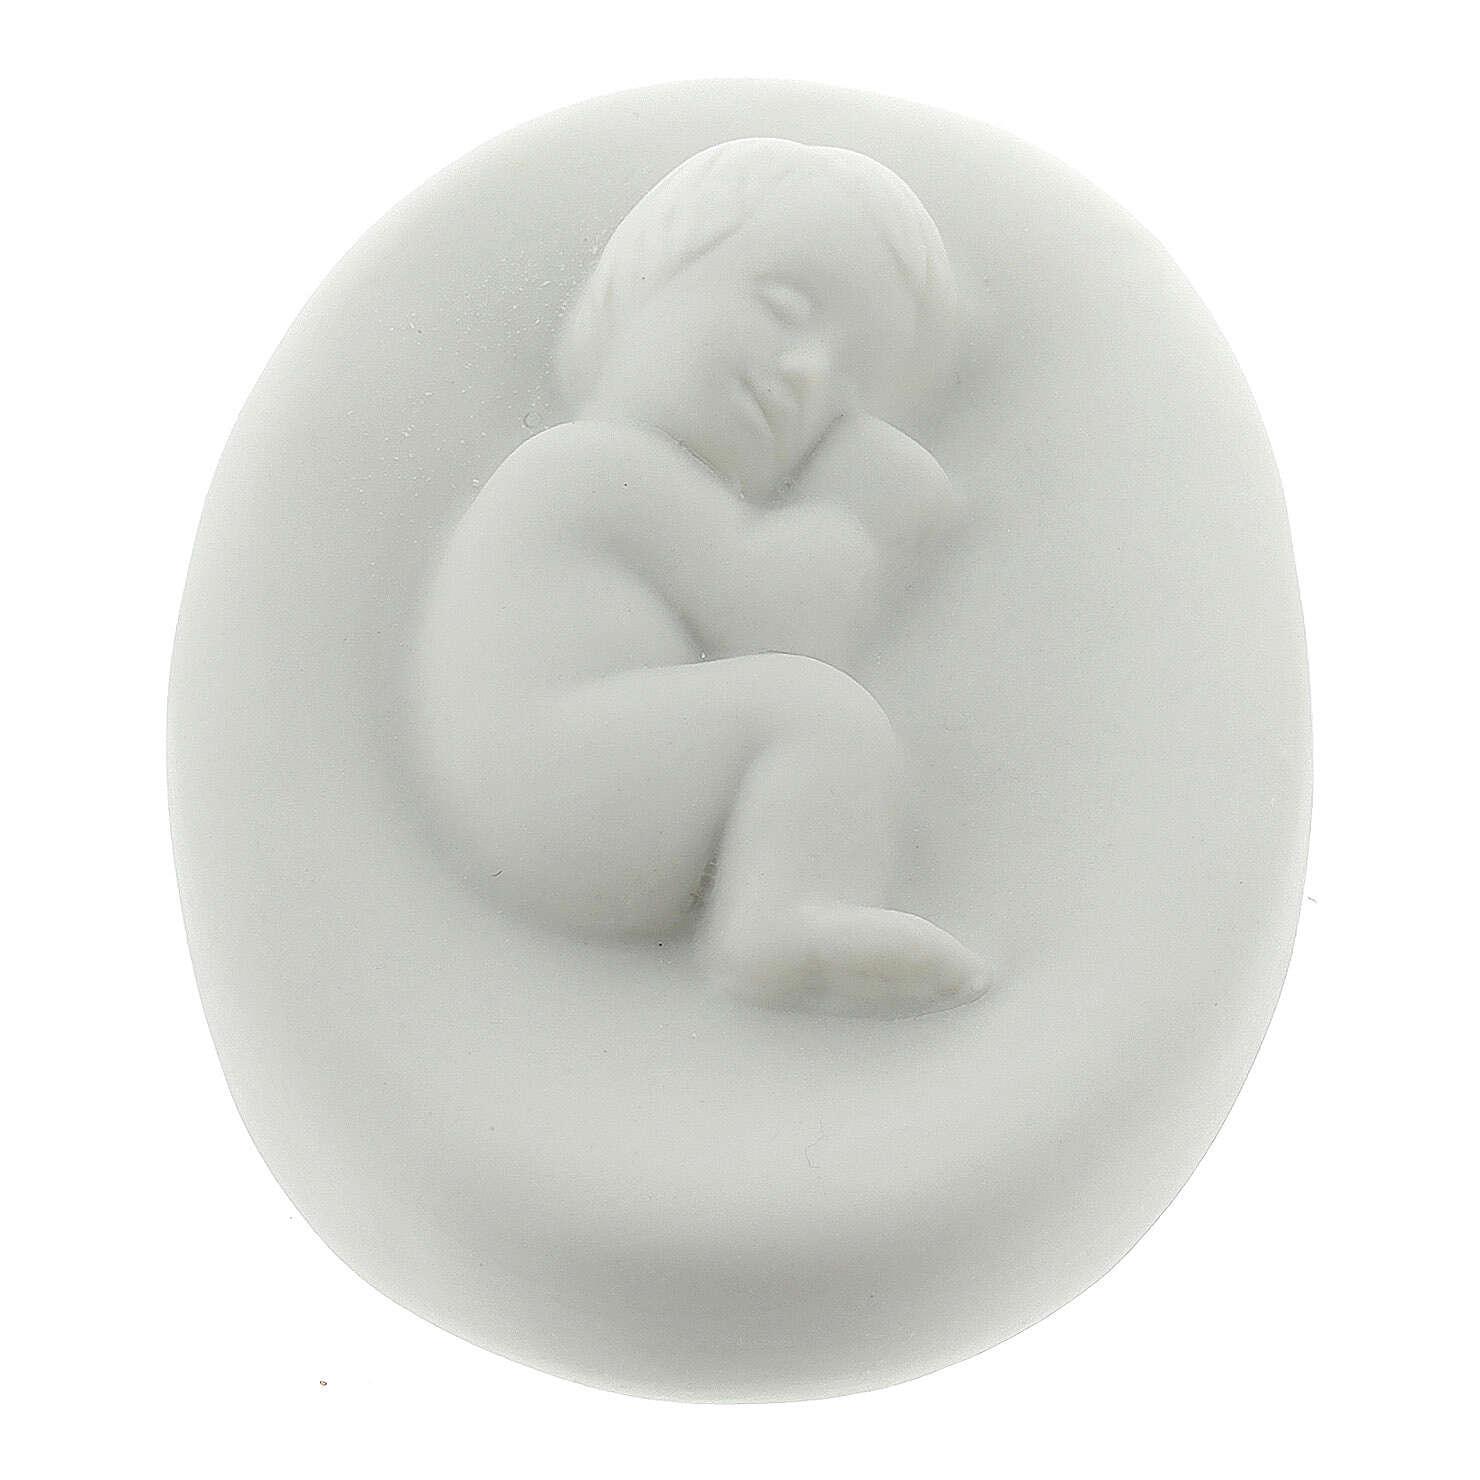 Natività porcellana cm 15 Francesco Pinton 3